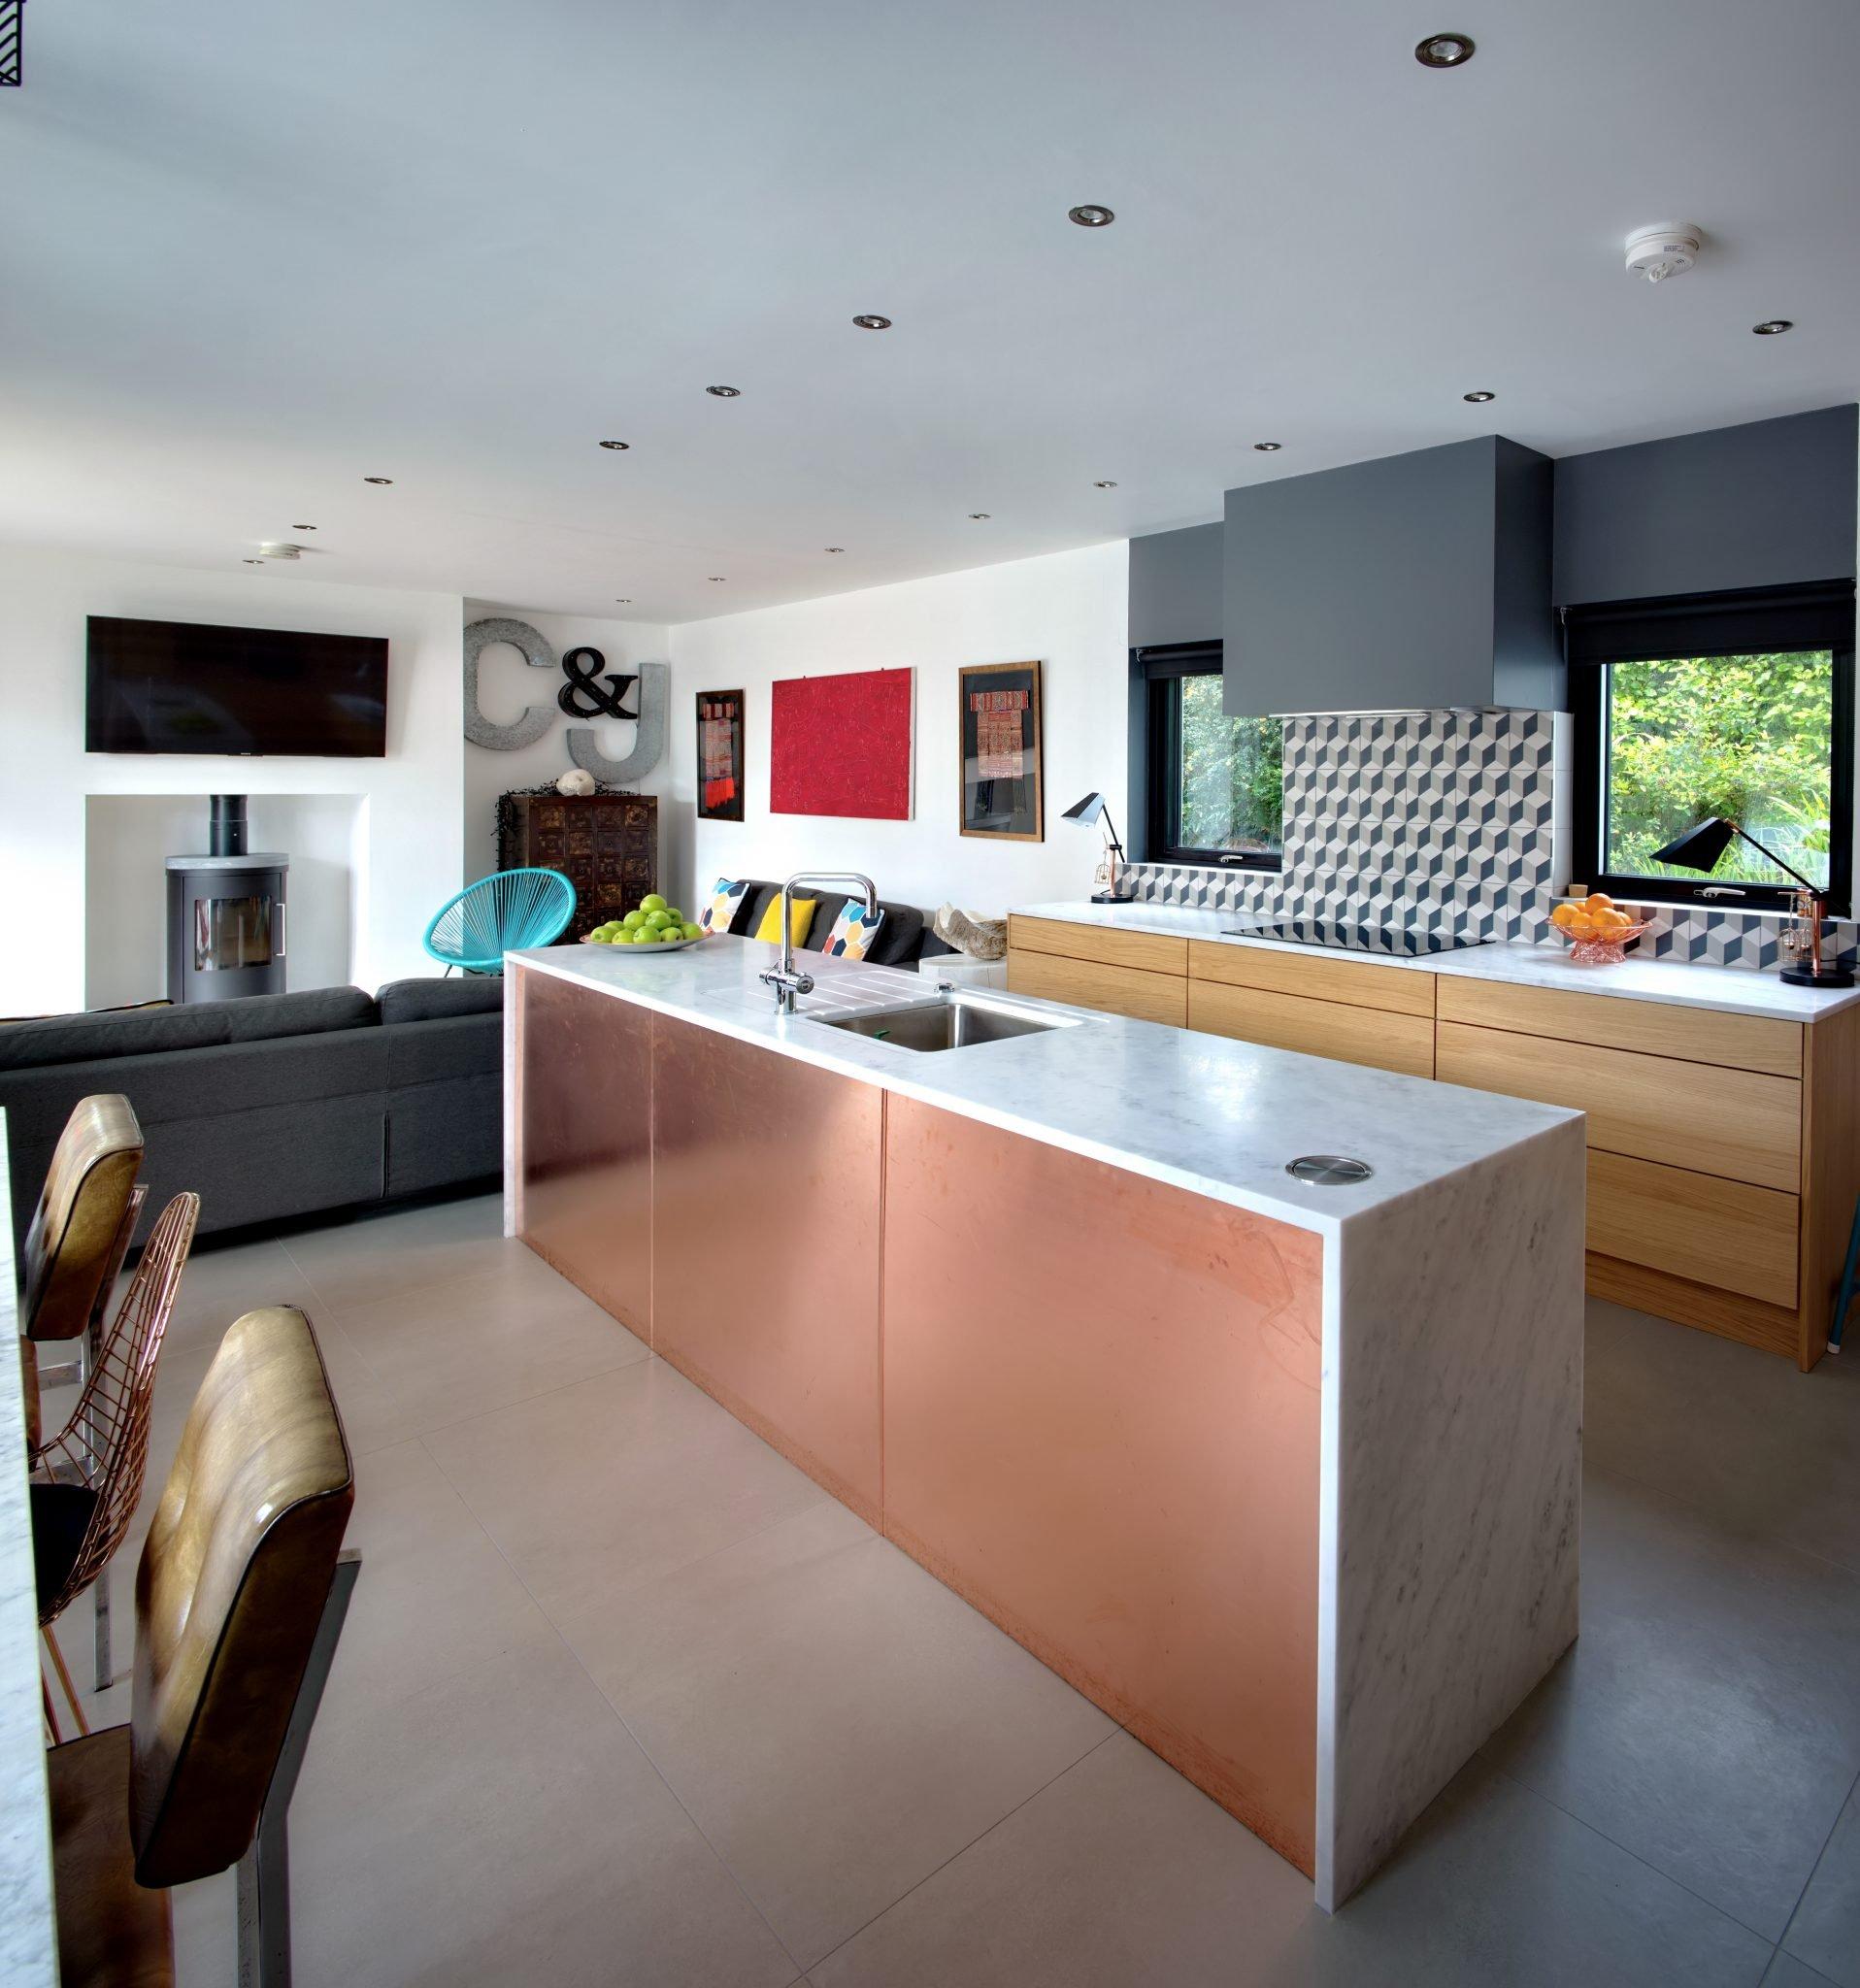 Island-Copper-Adornas Kitchens-Kitchens Bangor-Kitchens Belfast-Kitchen showrooms bangor-Modern Kitchens-German Kitchens-©AdornasKitchens2017